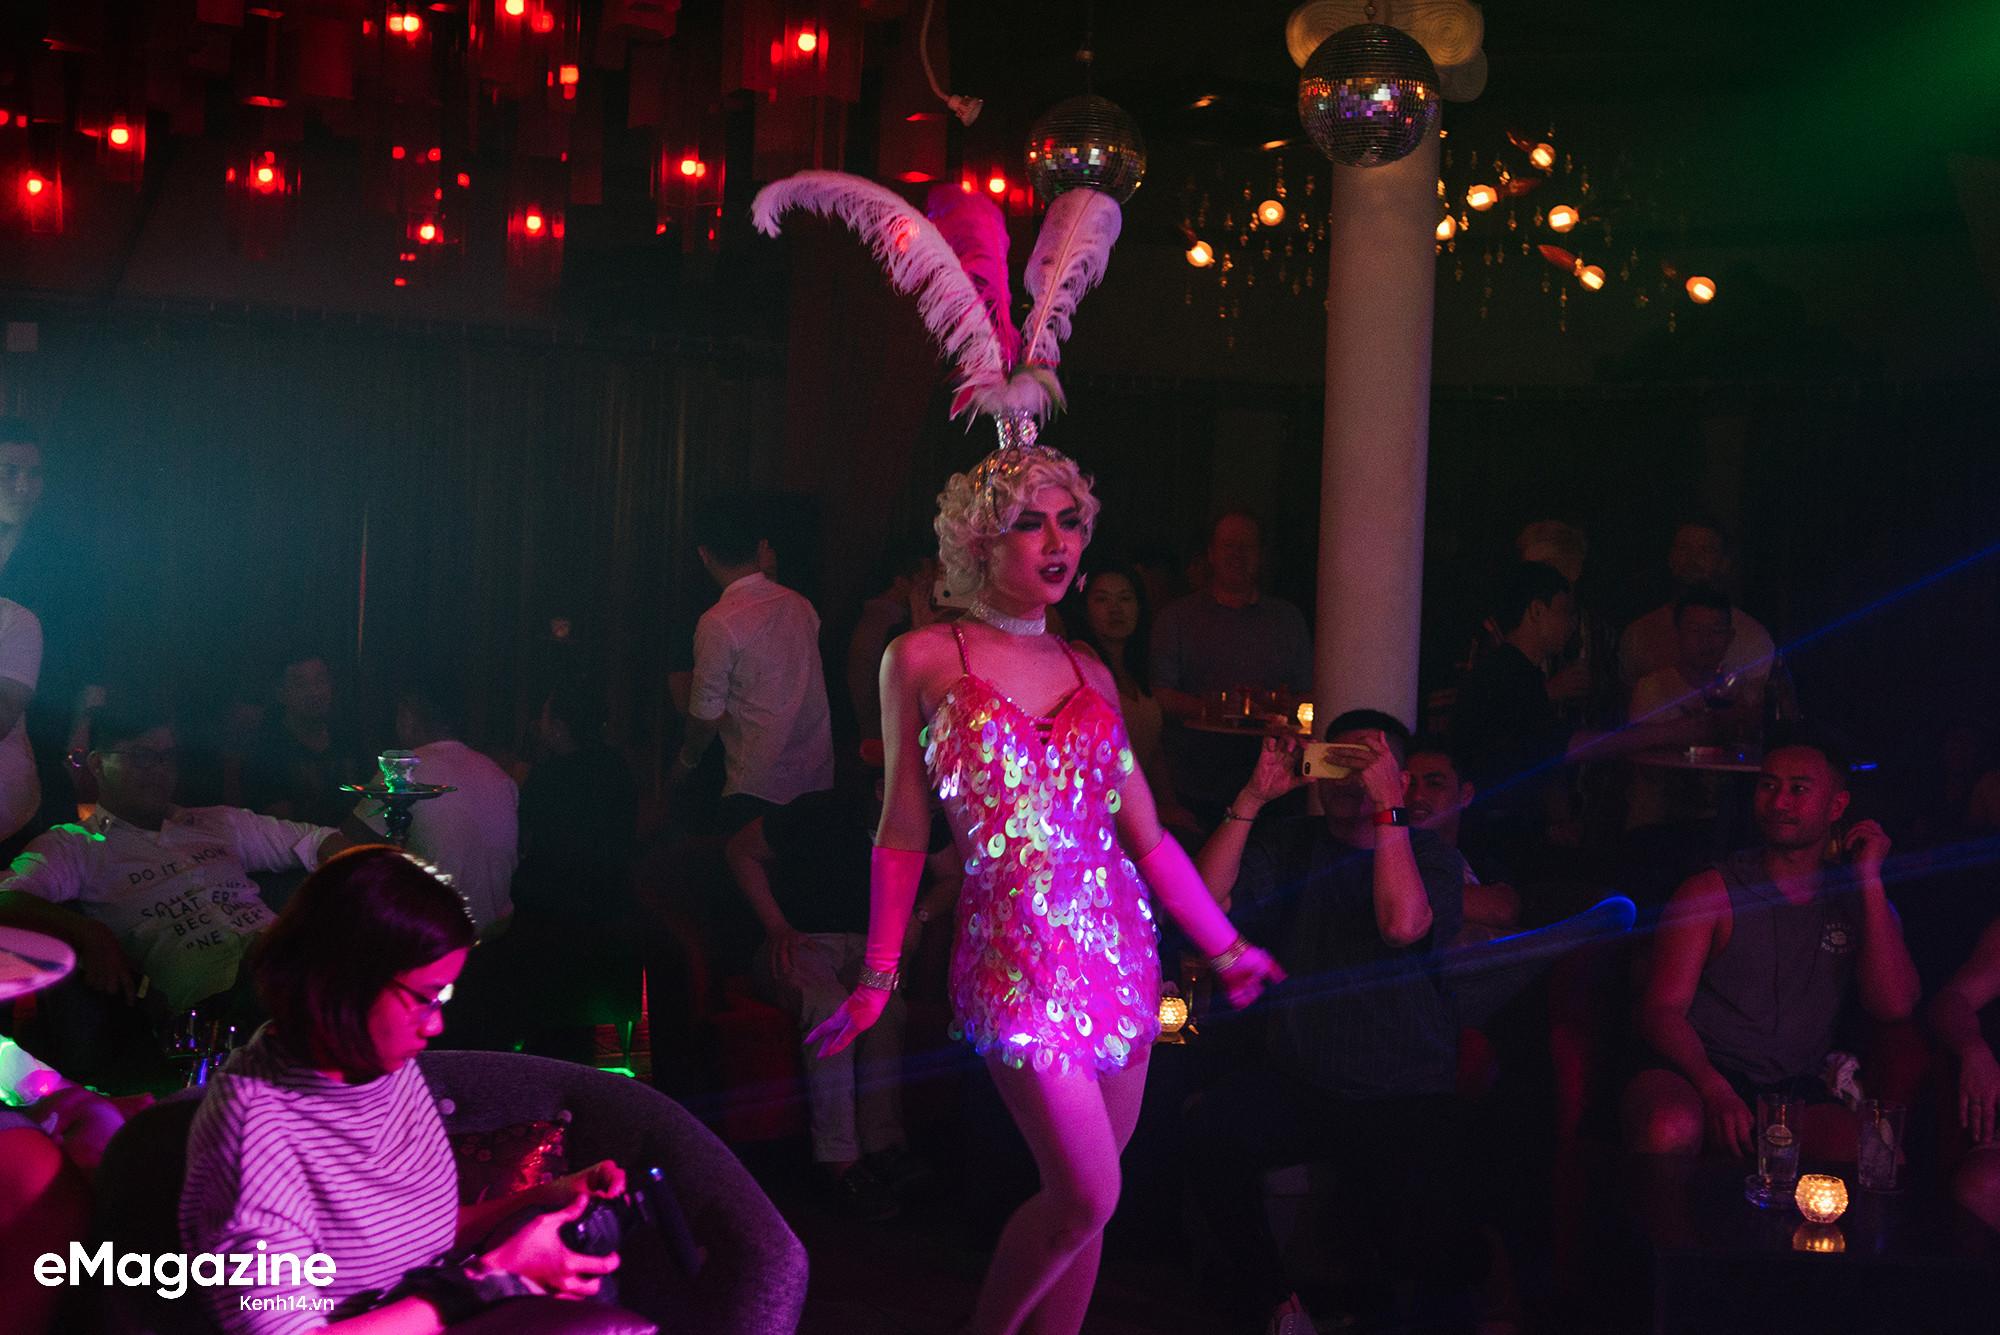 Sân khấu lúc 0h của những chàng trai hoá thân thành dàn sao nữ nổi tiếng trong các quán bar Sài Gòn - Ảnh 7.